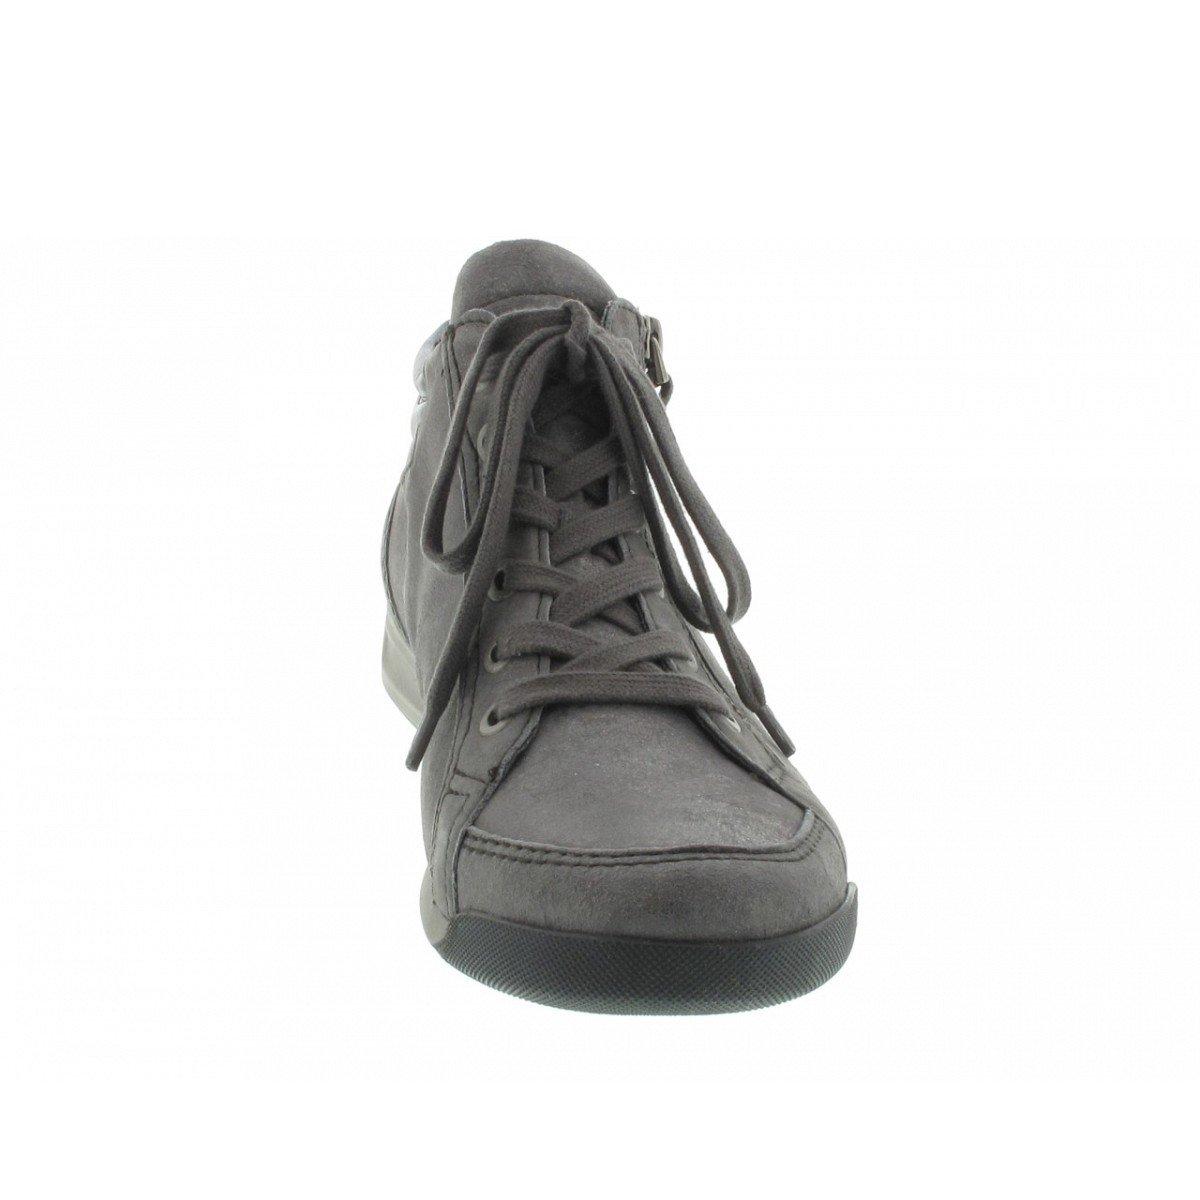 monsieur / madame ara femmes bottes luxuriante b075lnj928 parent forme élégante 44410.32 conception vrai luxuriante bottes a444ac